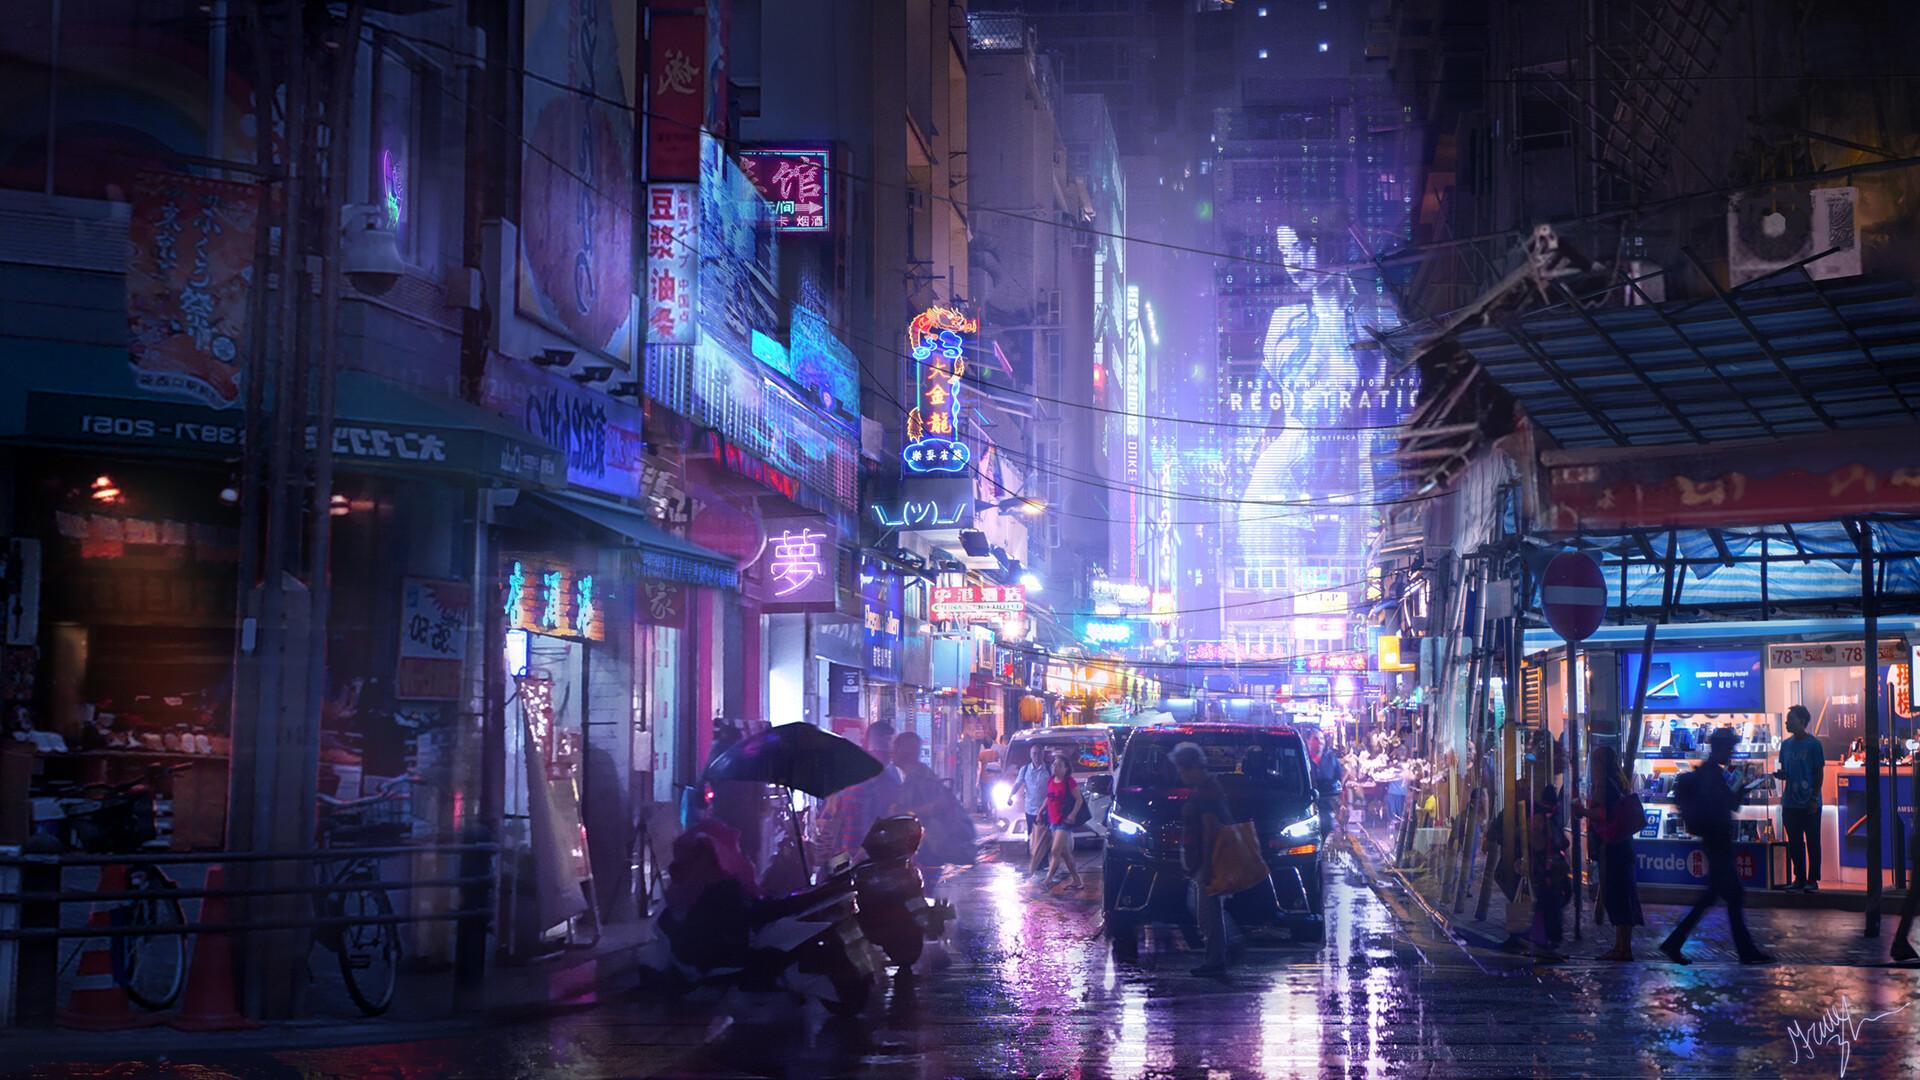 Grace zhu cyberpunk street